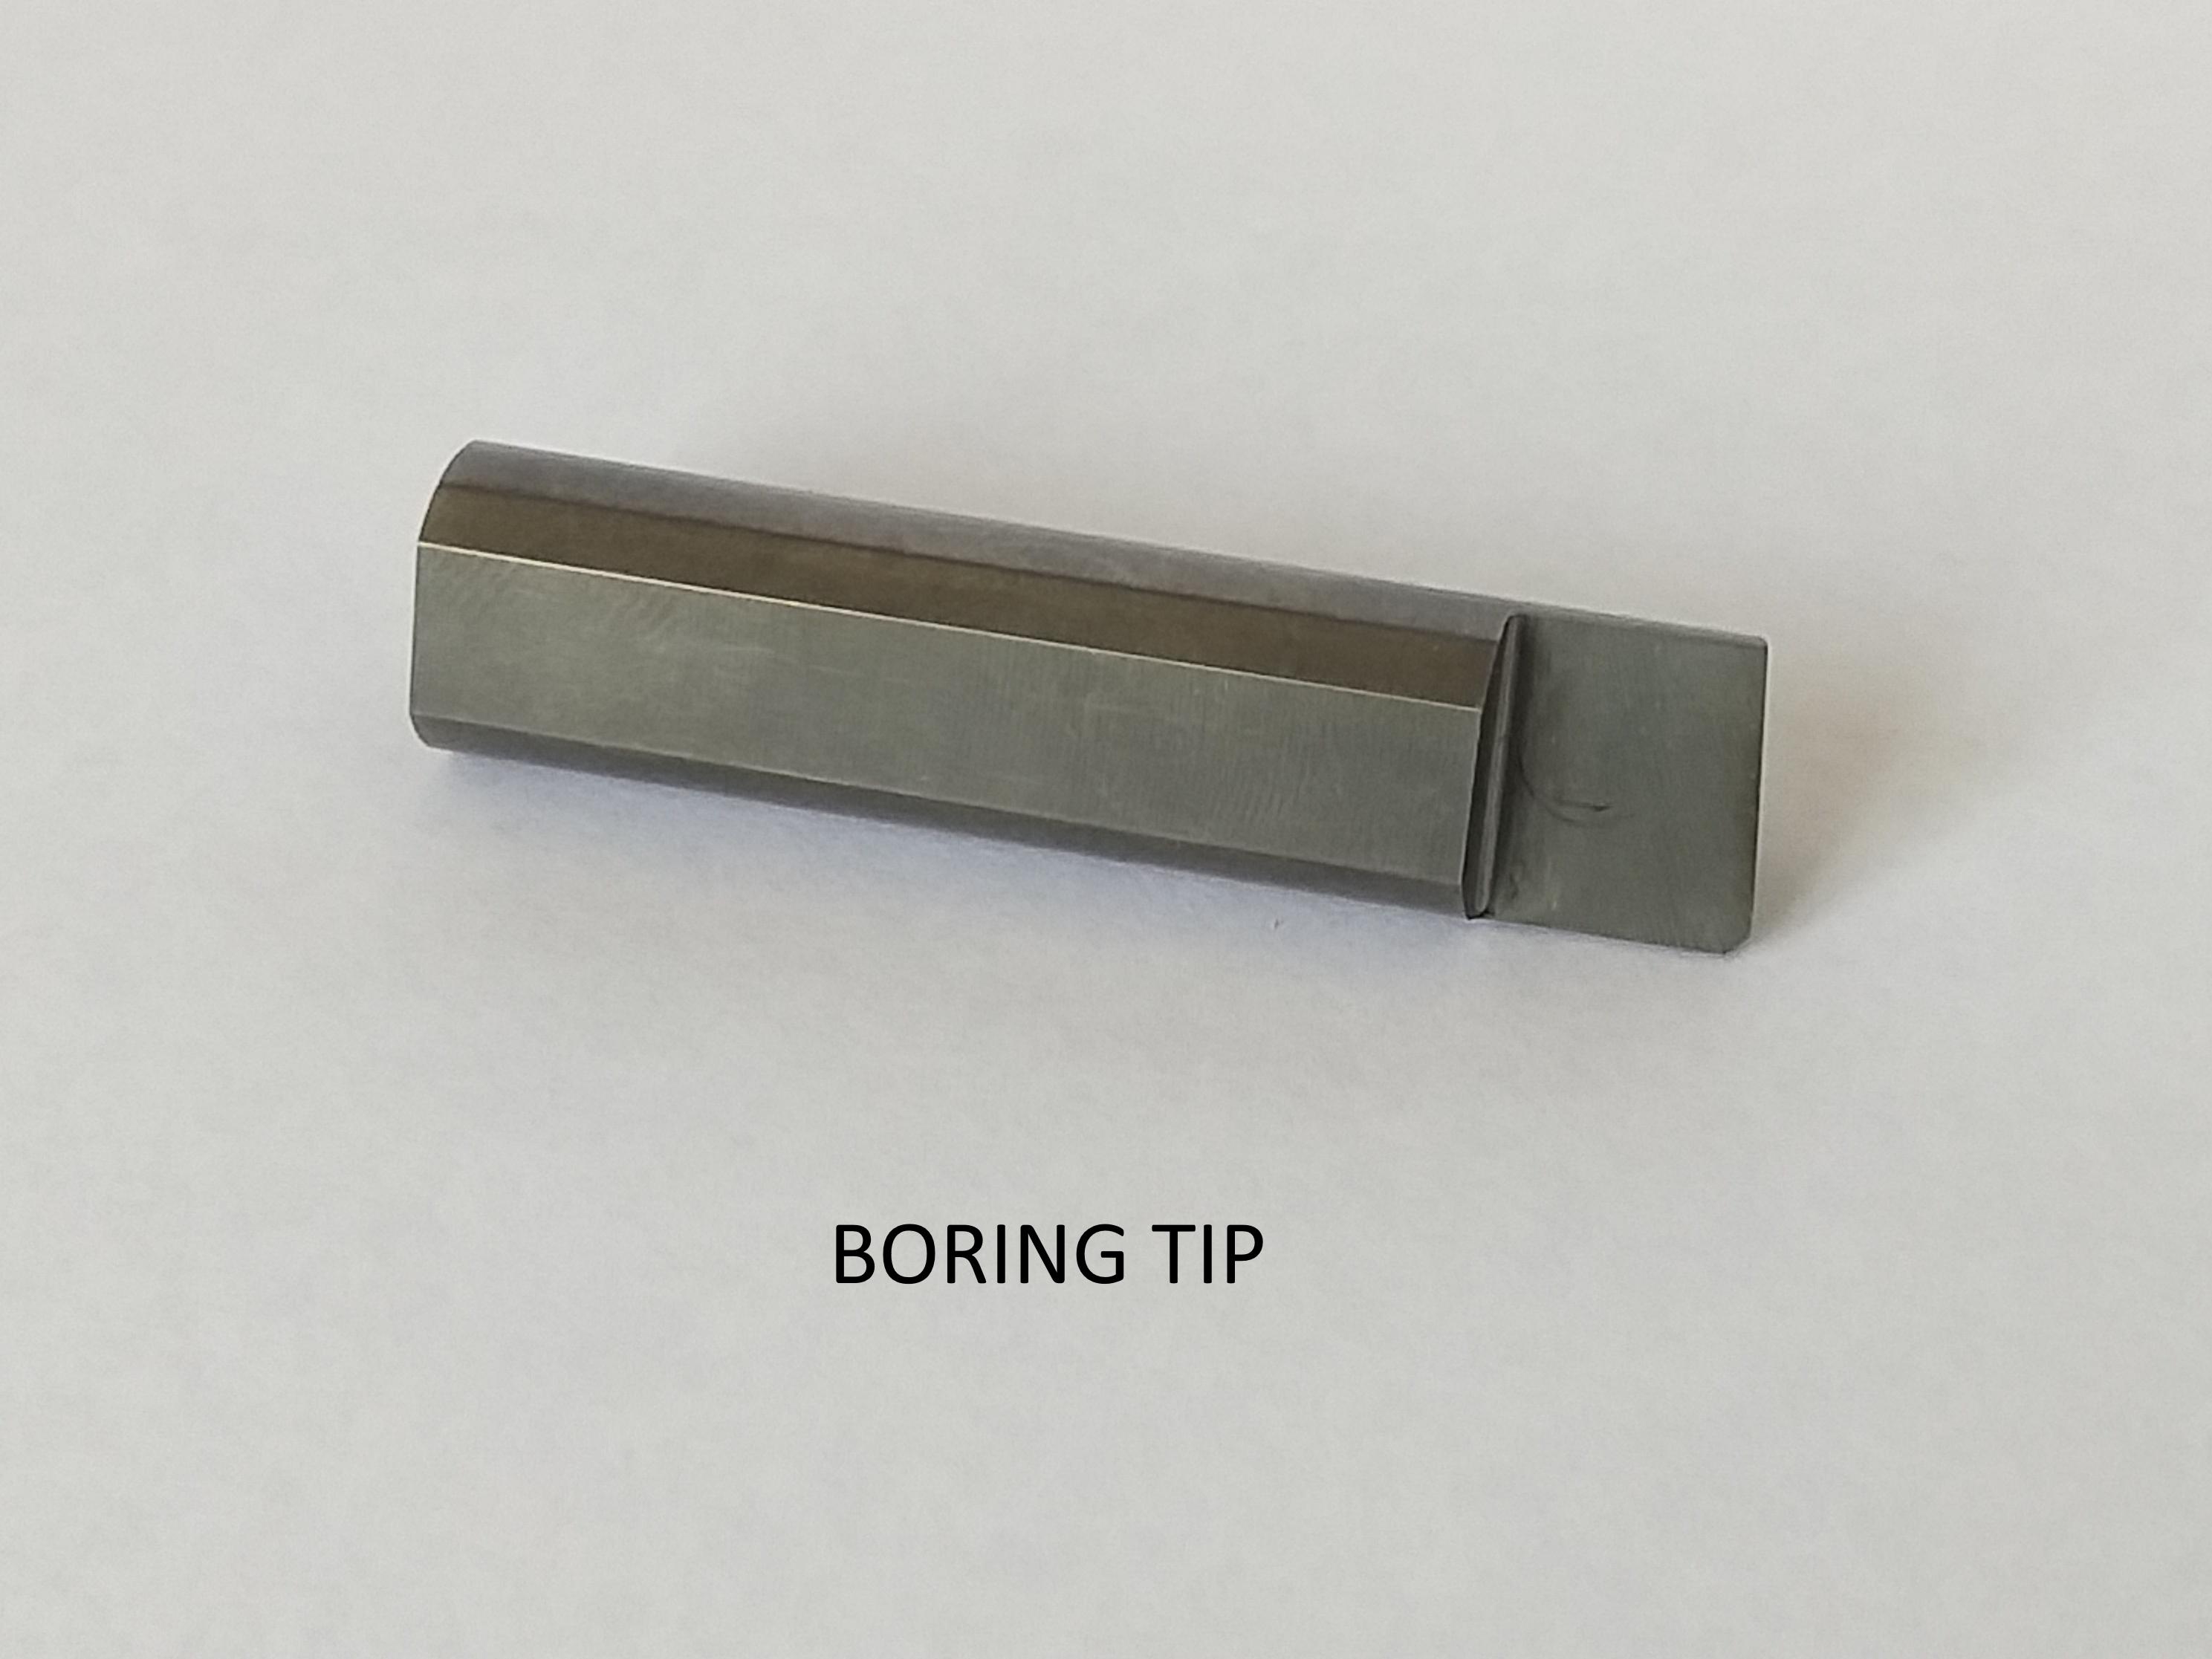 Boring Tip1.jpg